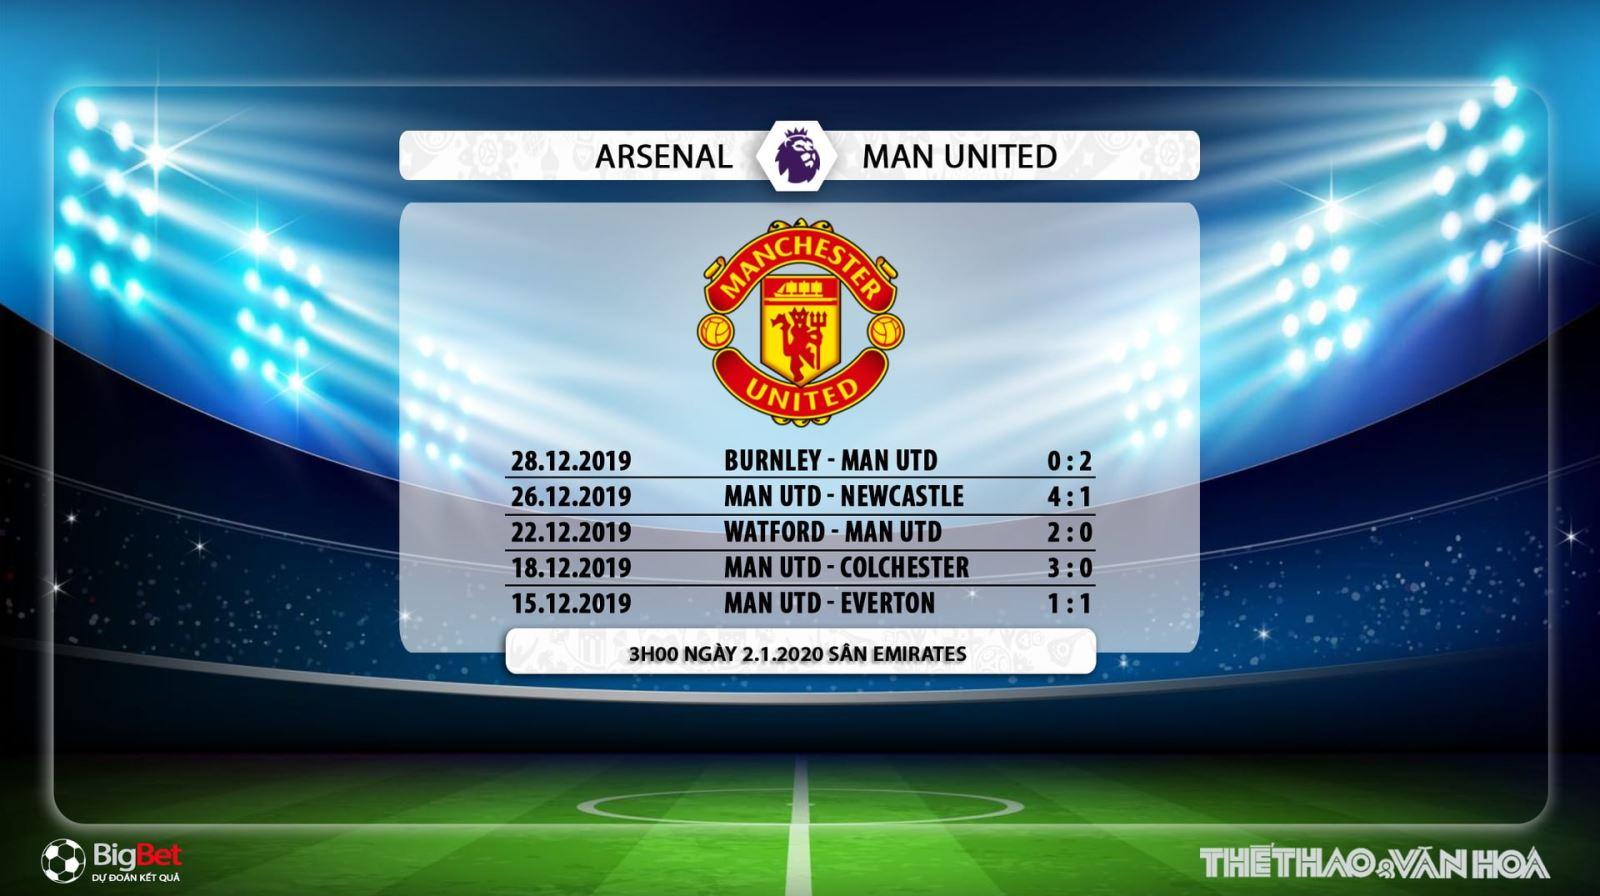 Arsenal vs MU, Arsenal, mu, manchester united, trực tiếp bóng đá, bóng đá, bong da, trực tiếp  Arsenal vs MU, lịch thi đấu, K+, K+PM